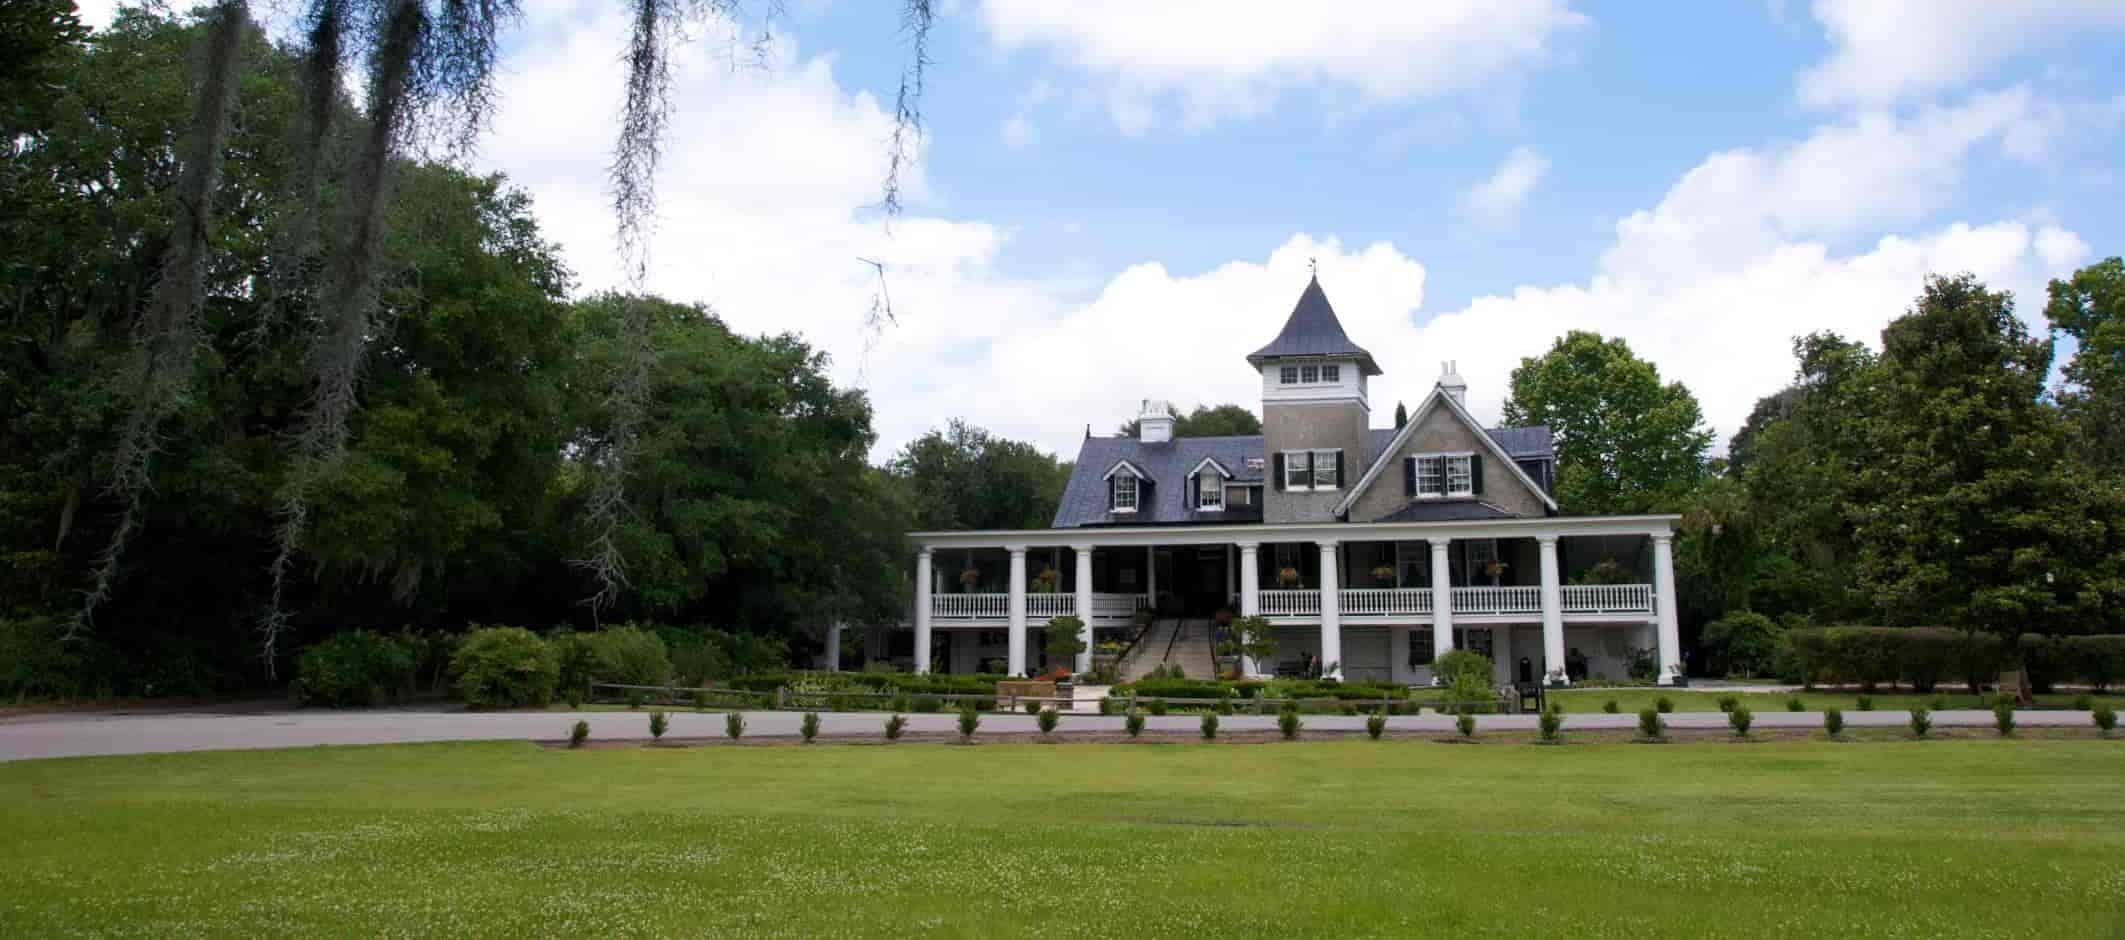 Magnolia Platation i South Carolina